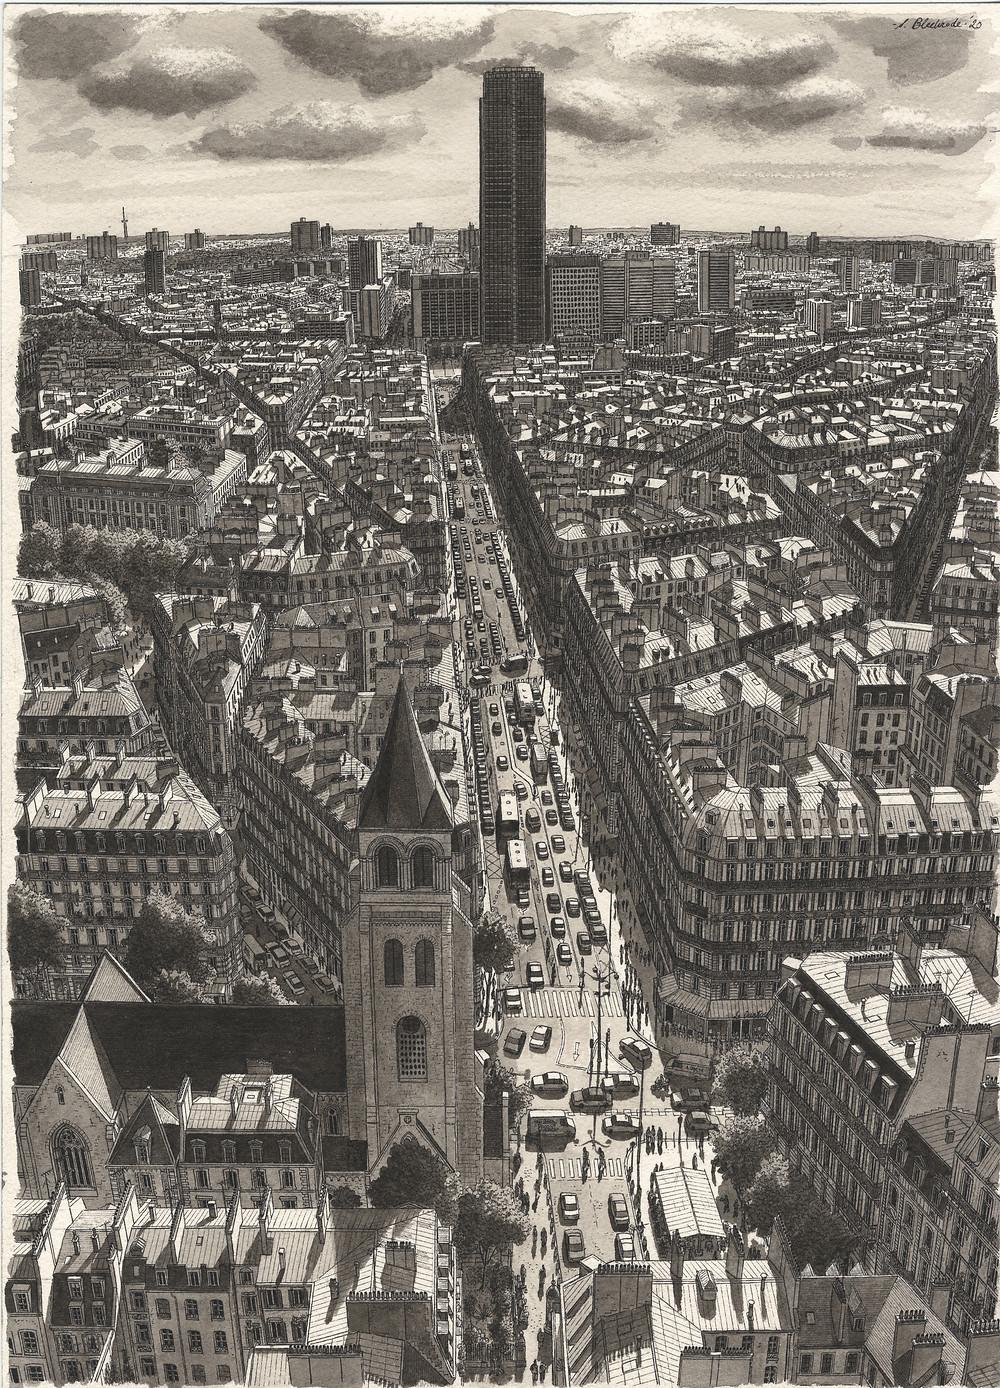 Paris, Rue de Rennes, 2020. Ink and watercolour on paper, 35x25cm.